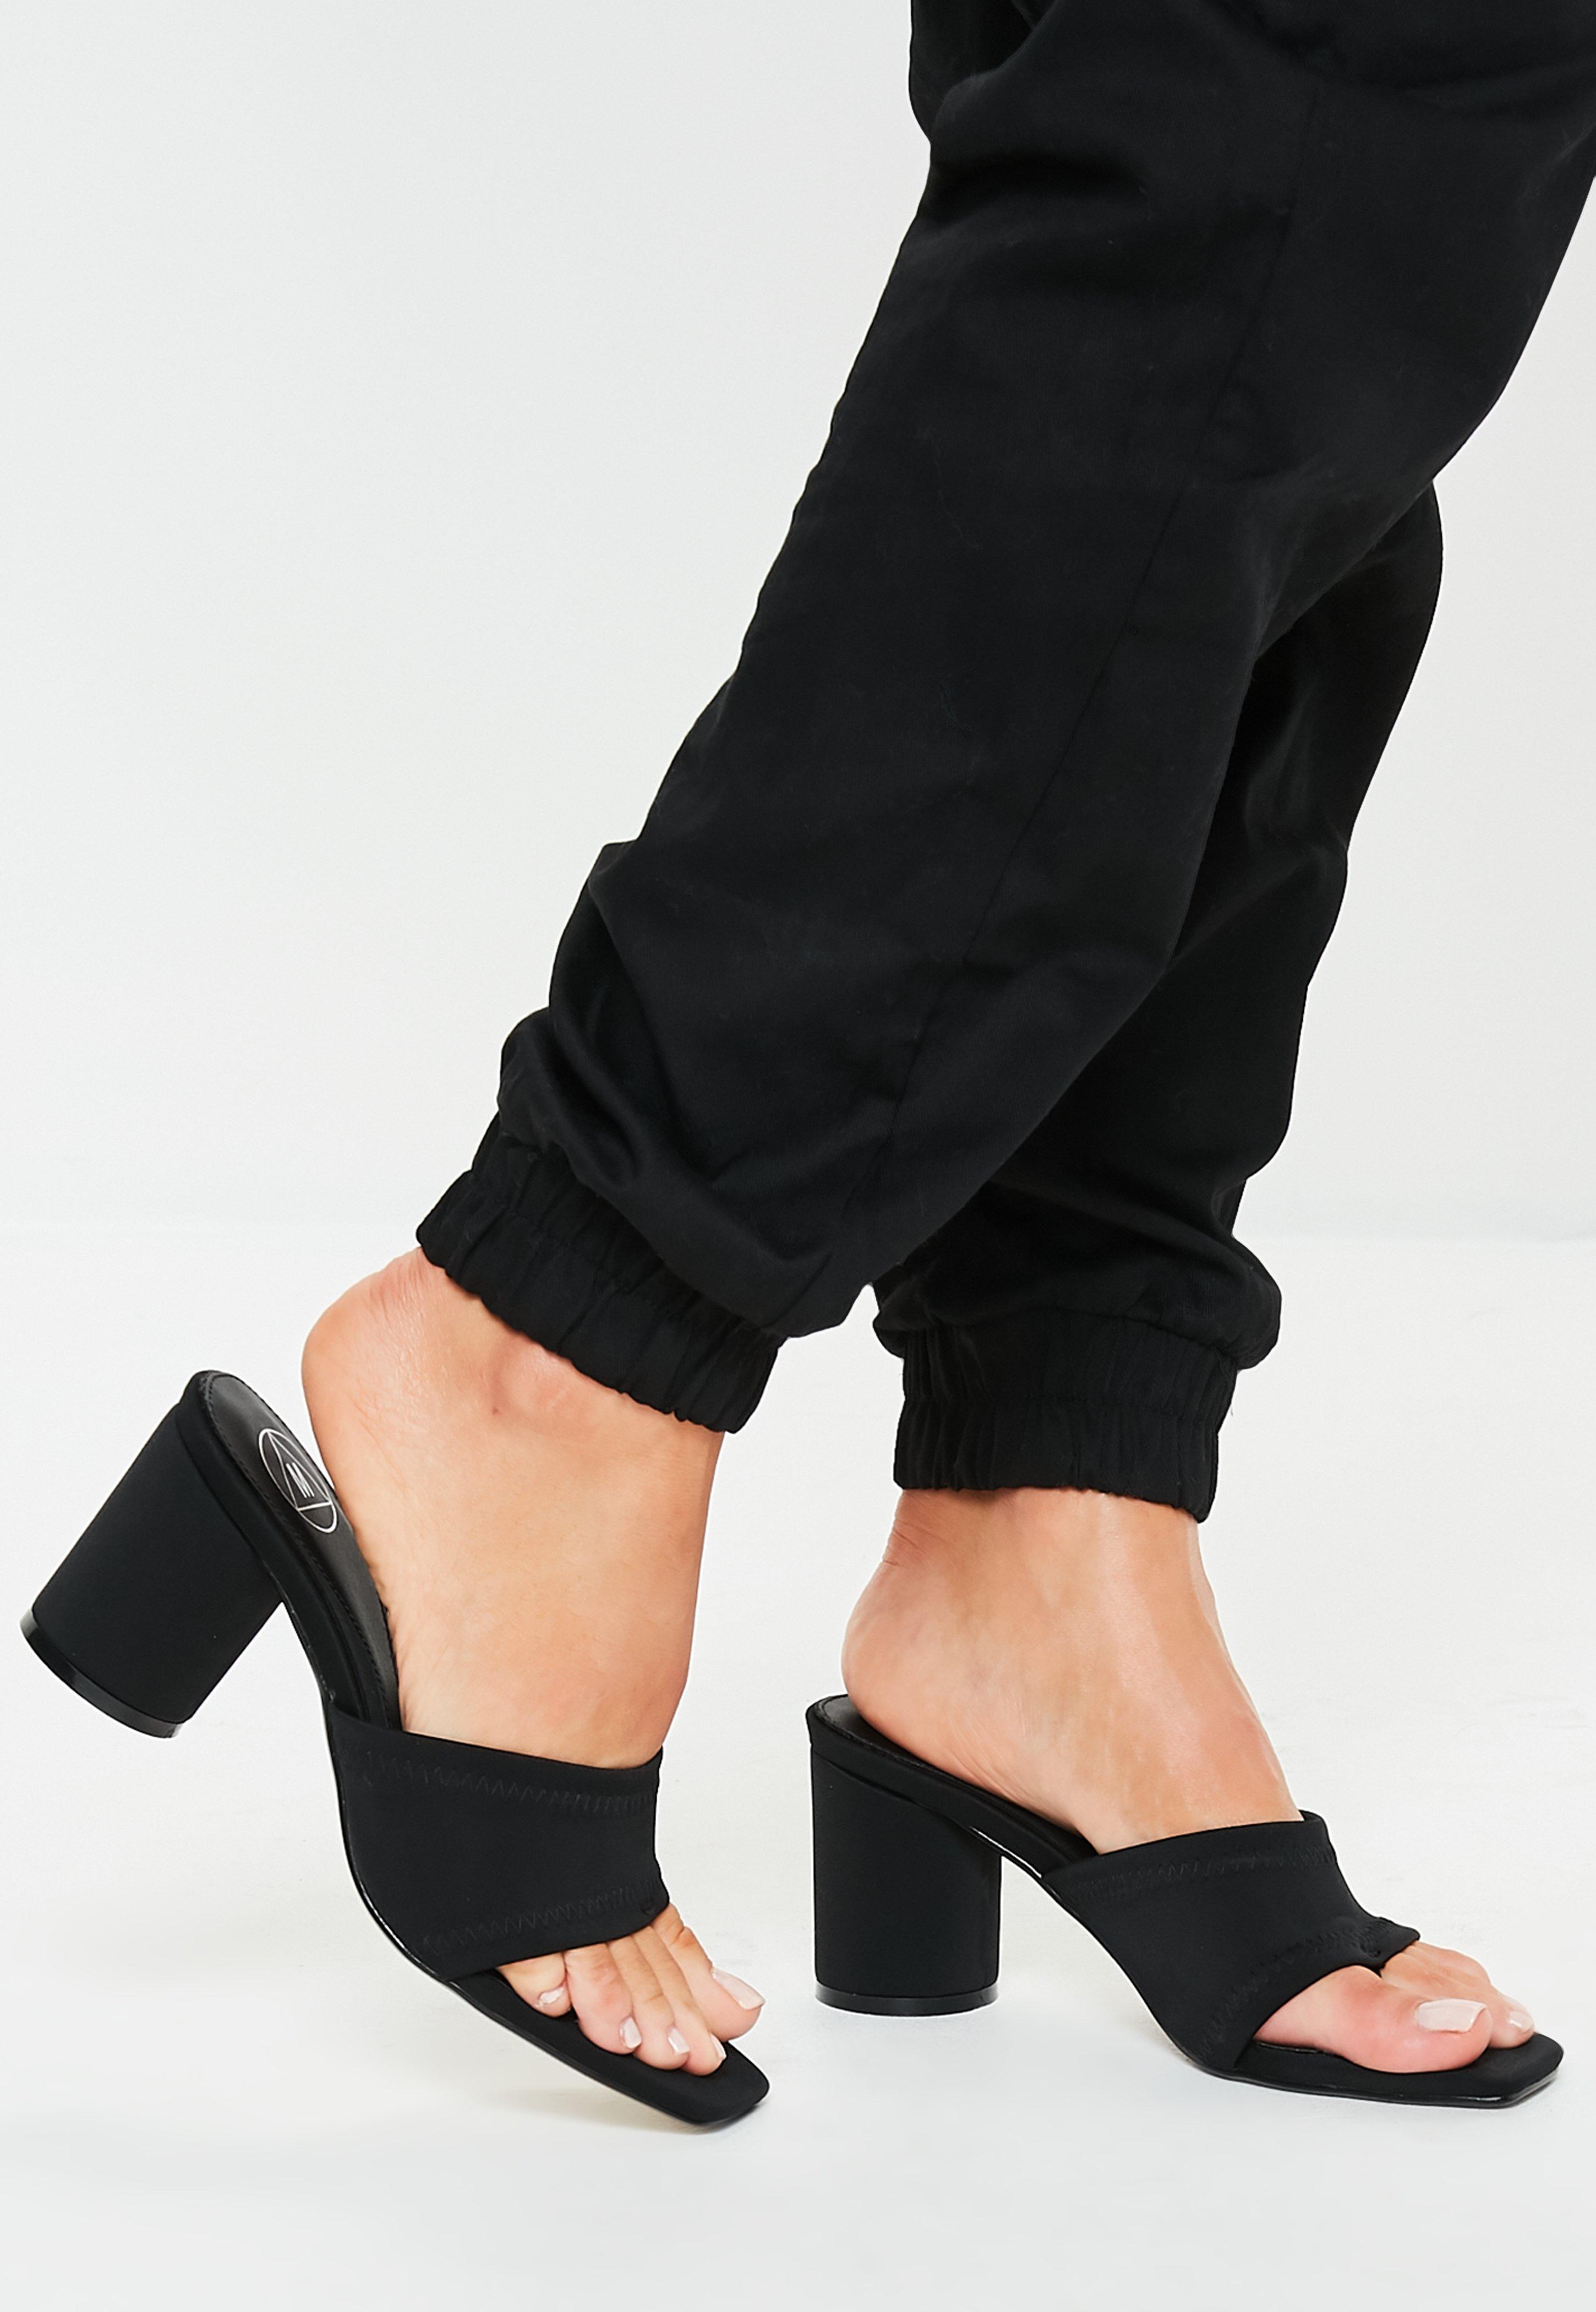 e11ab718060 Black Heels